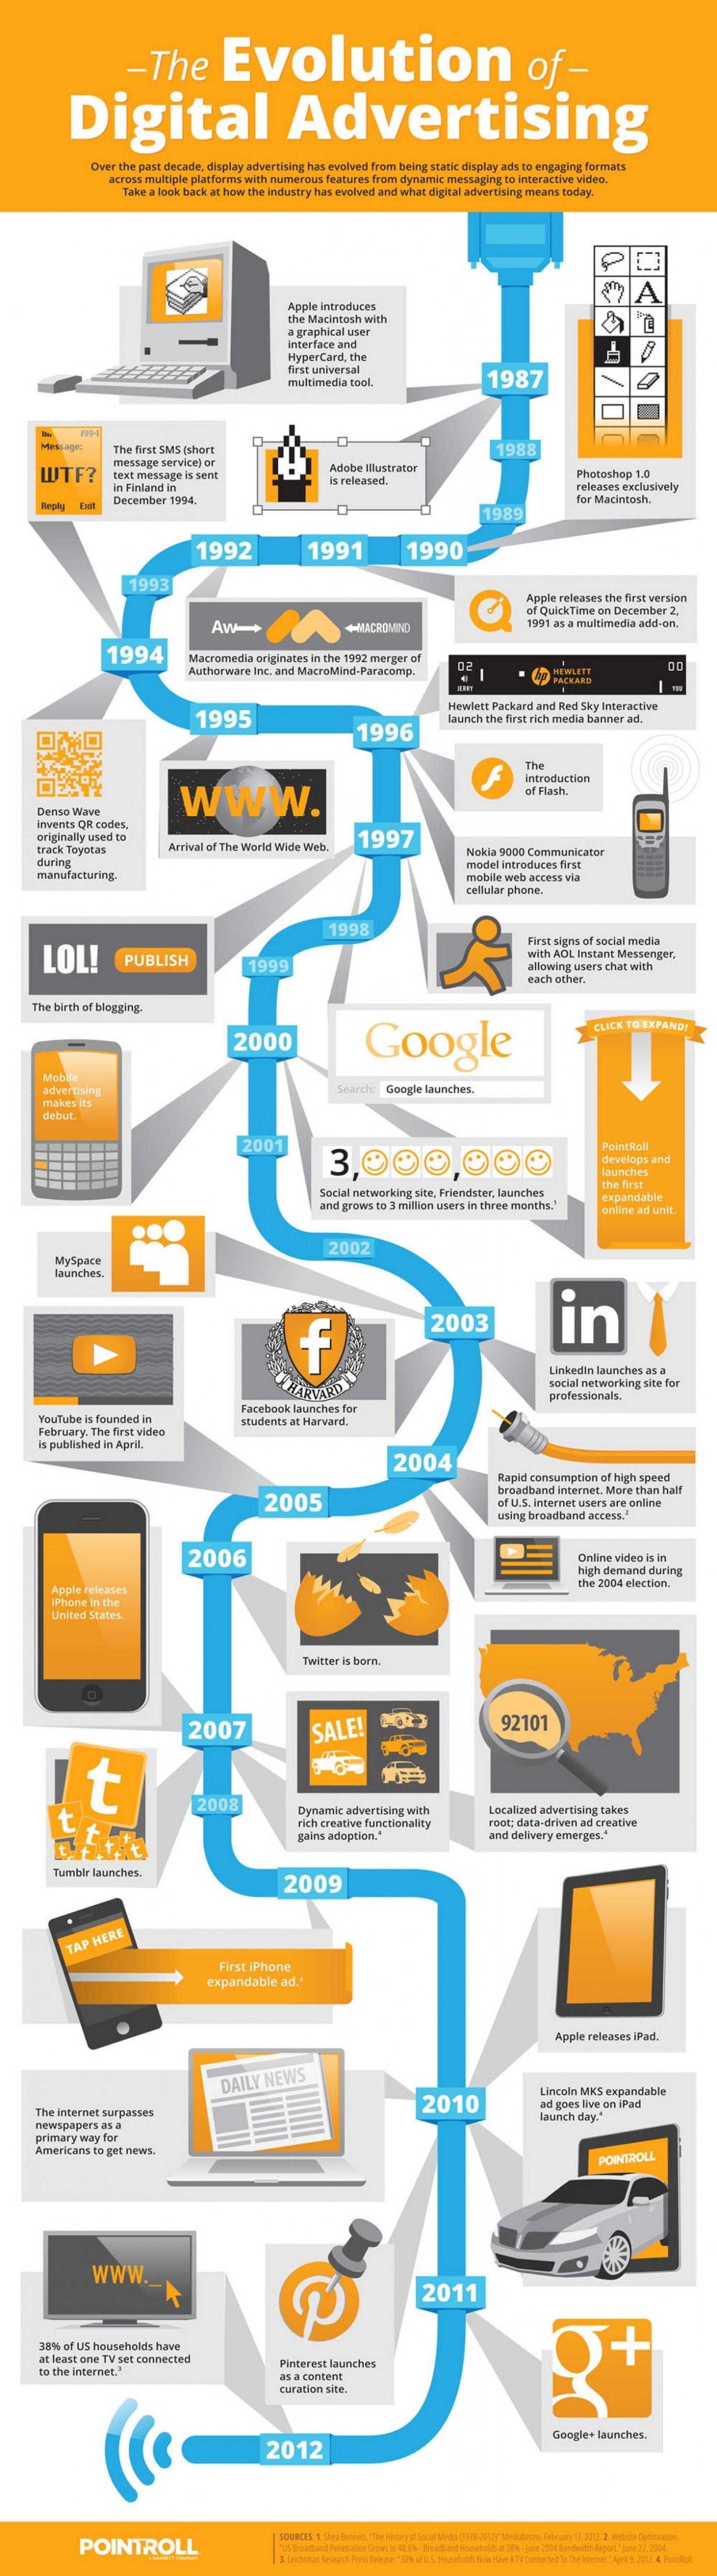 evolución de la publicidad digital